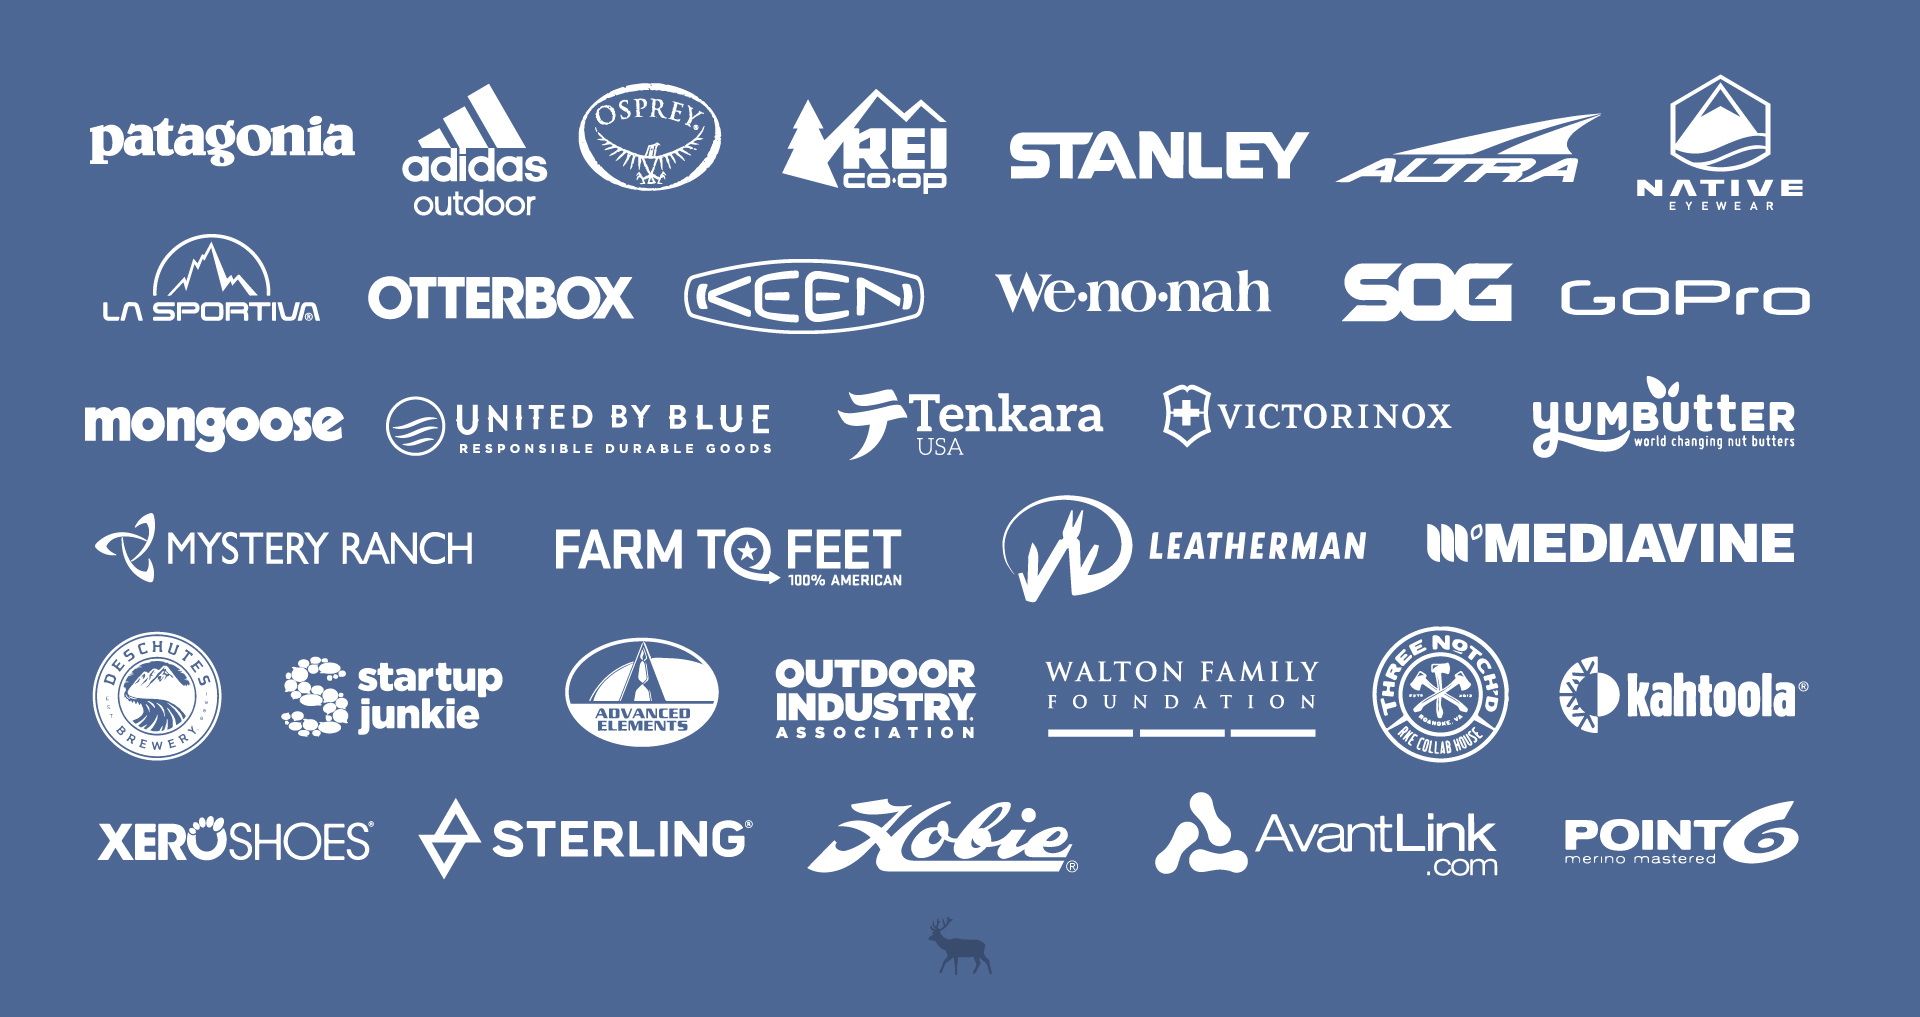 Past Outdoor Media Summit Marketing Attendees - Logos